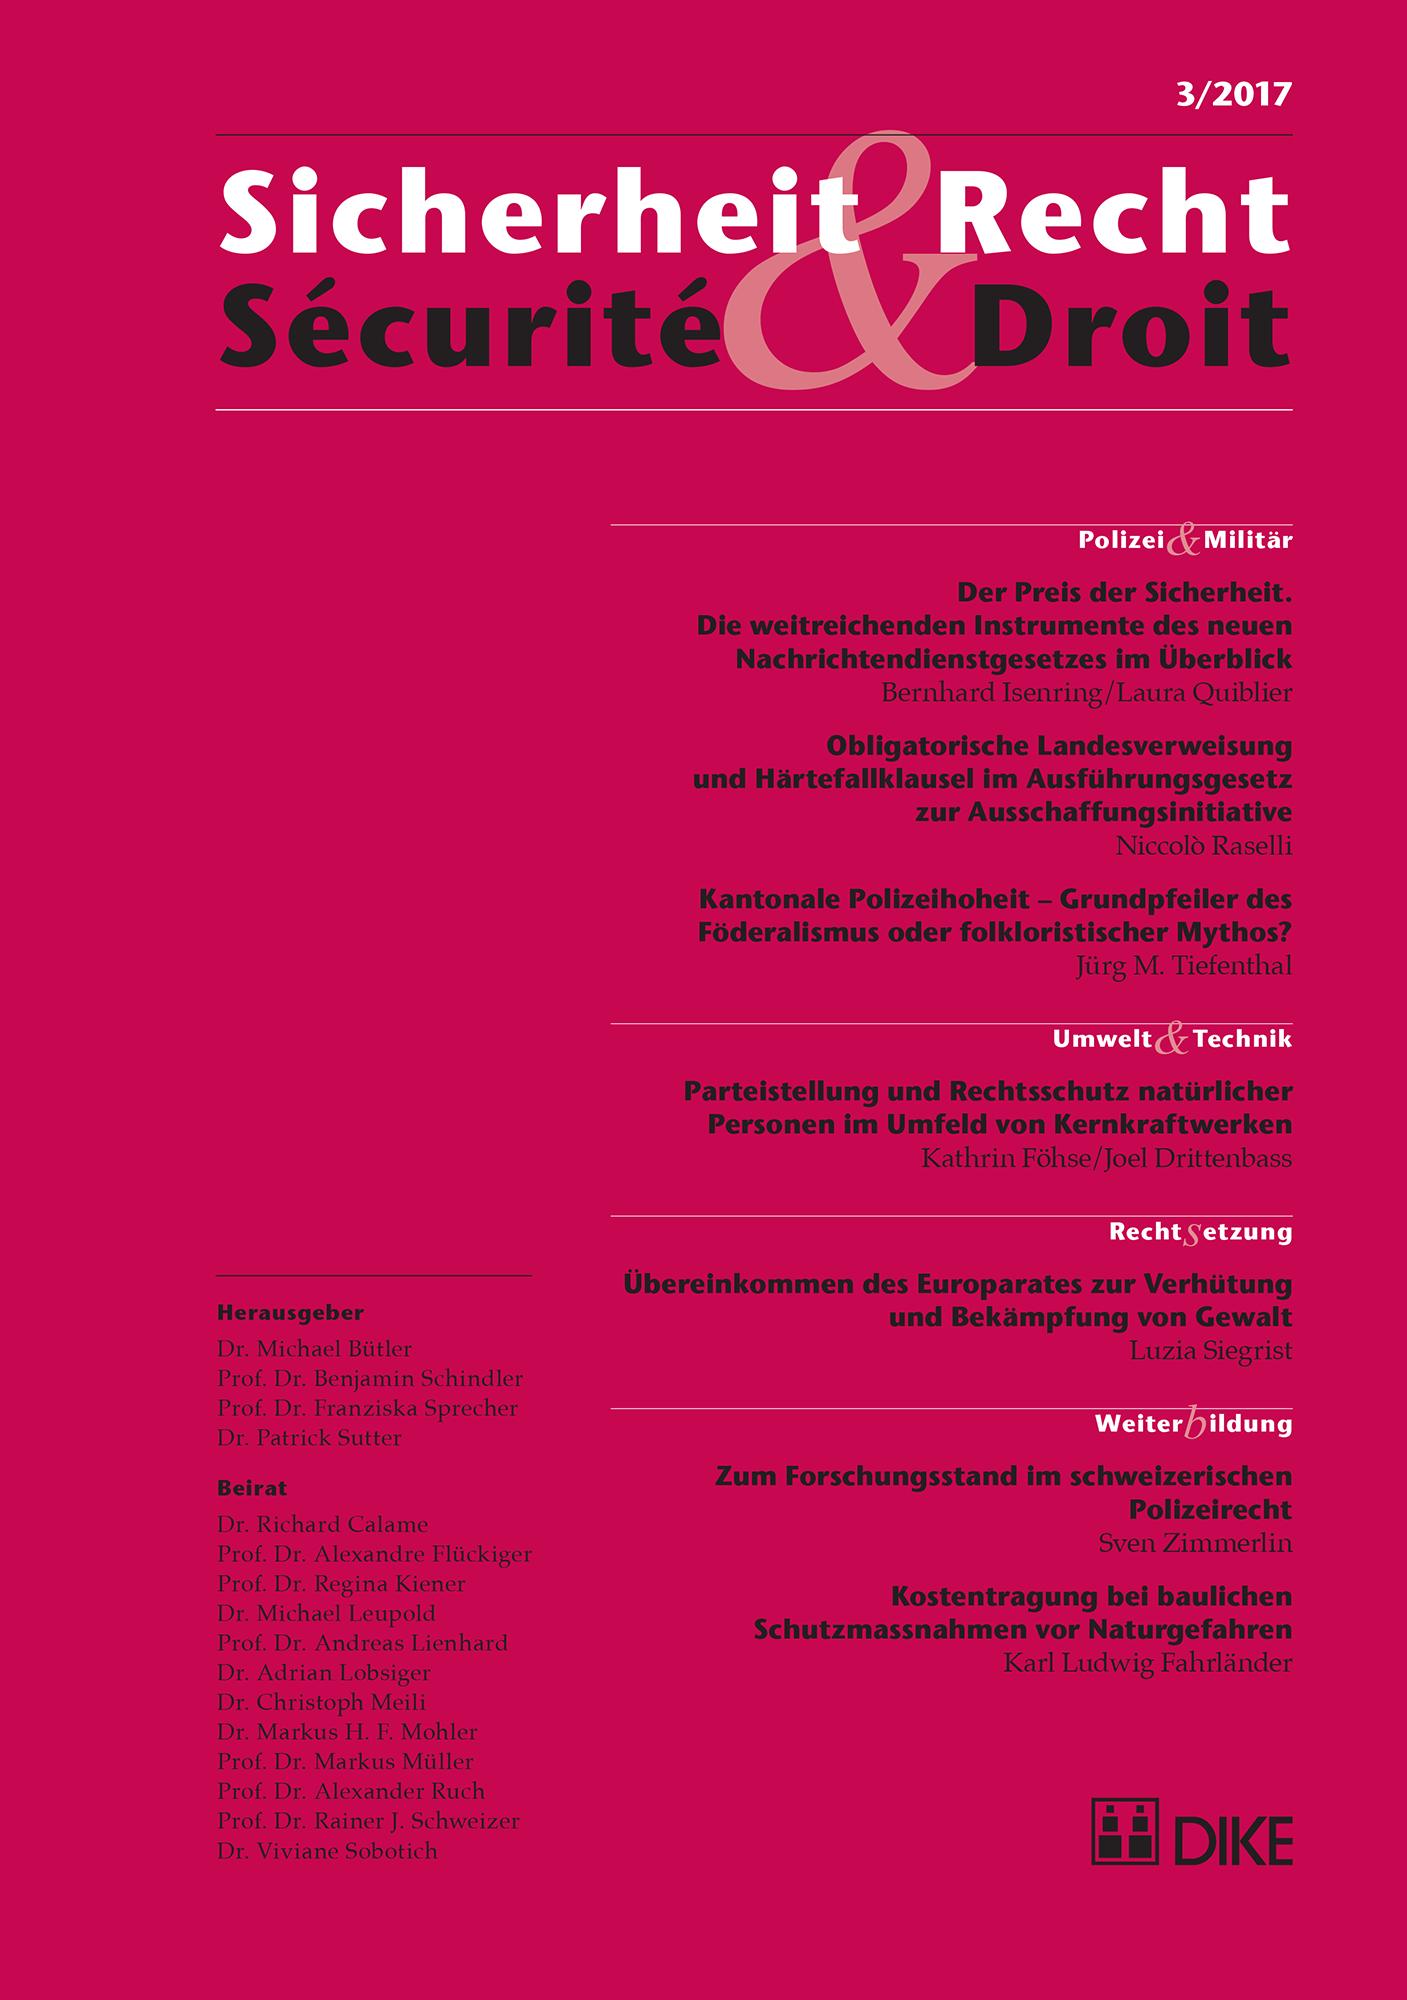 Sicherheit & Recht / Sécurité & Droit 03/2017